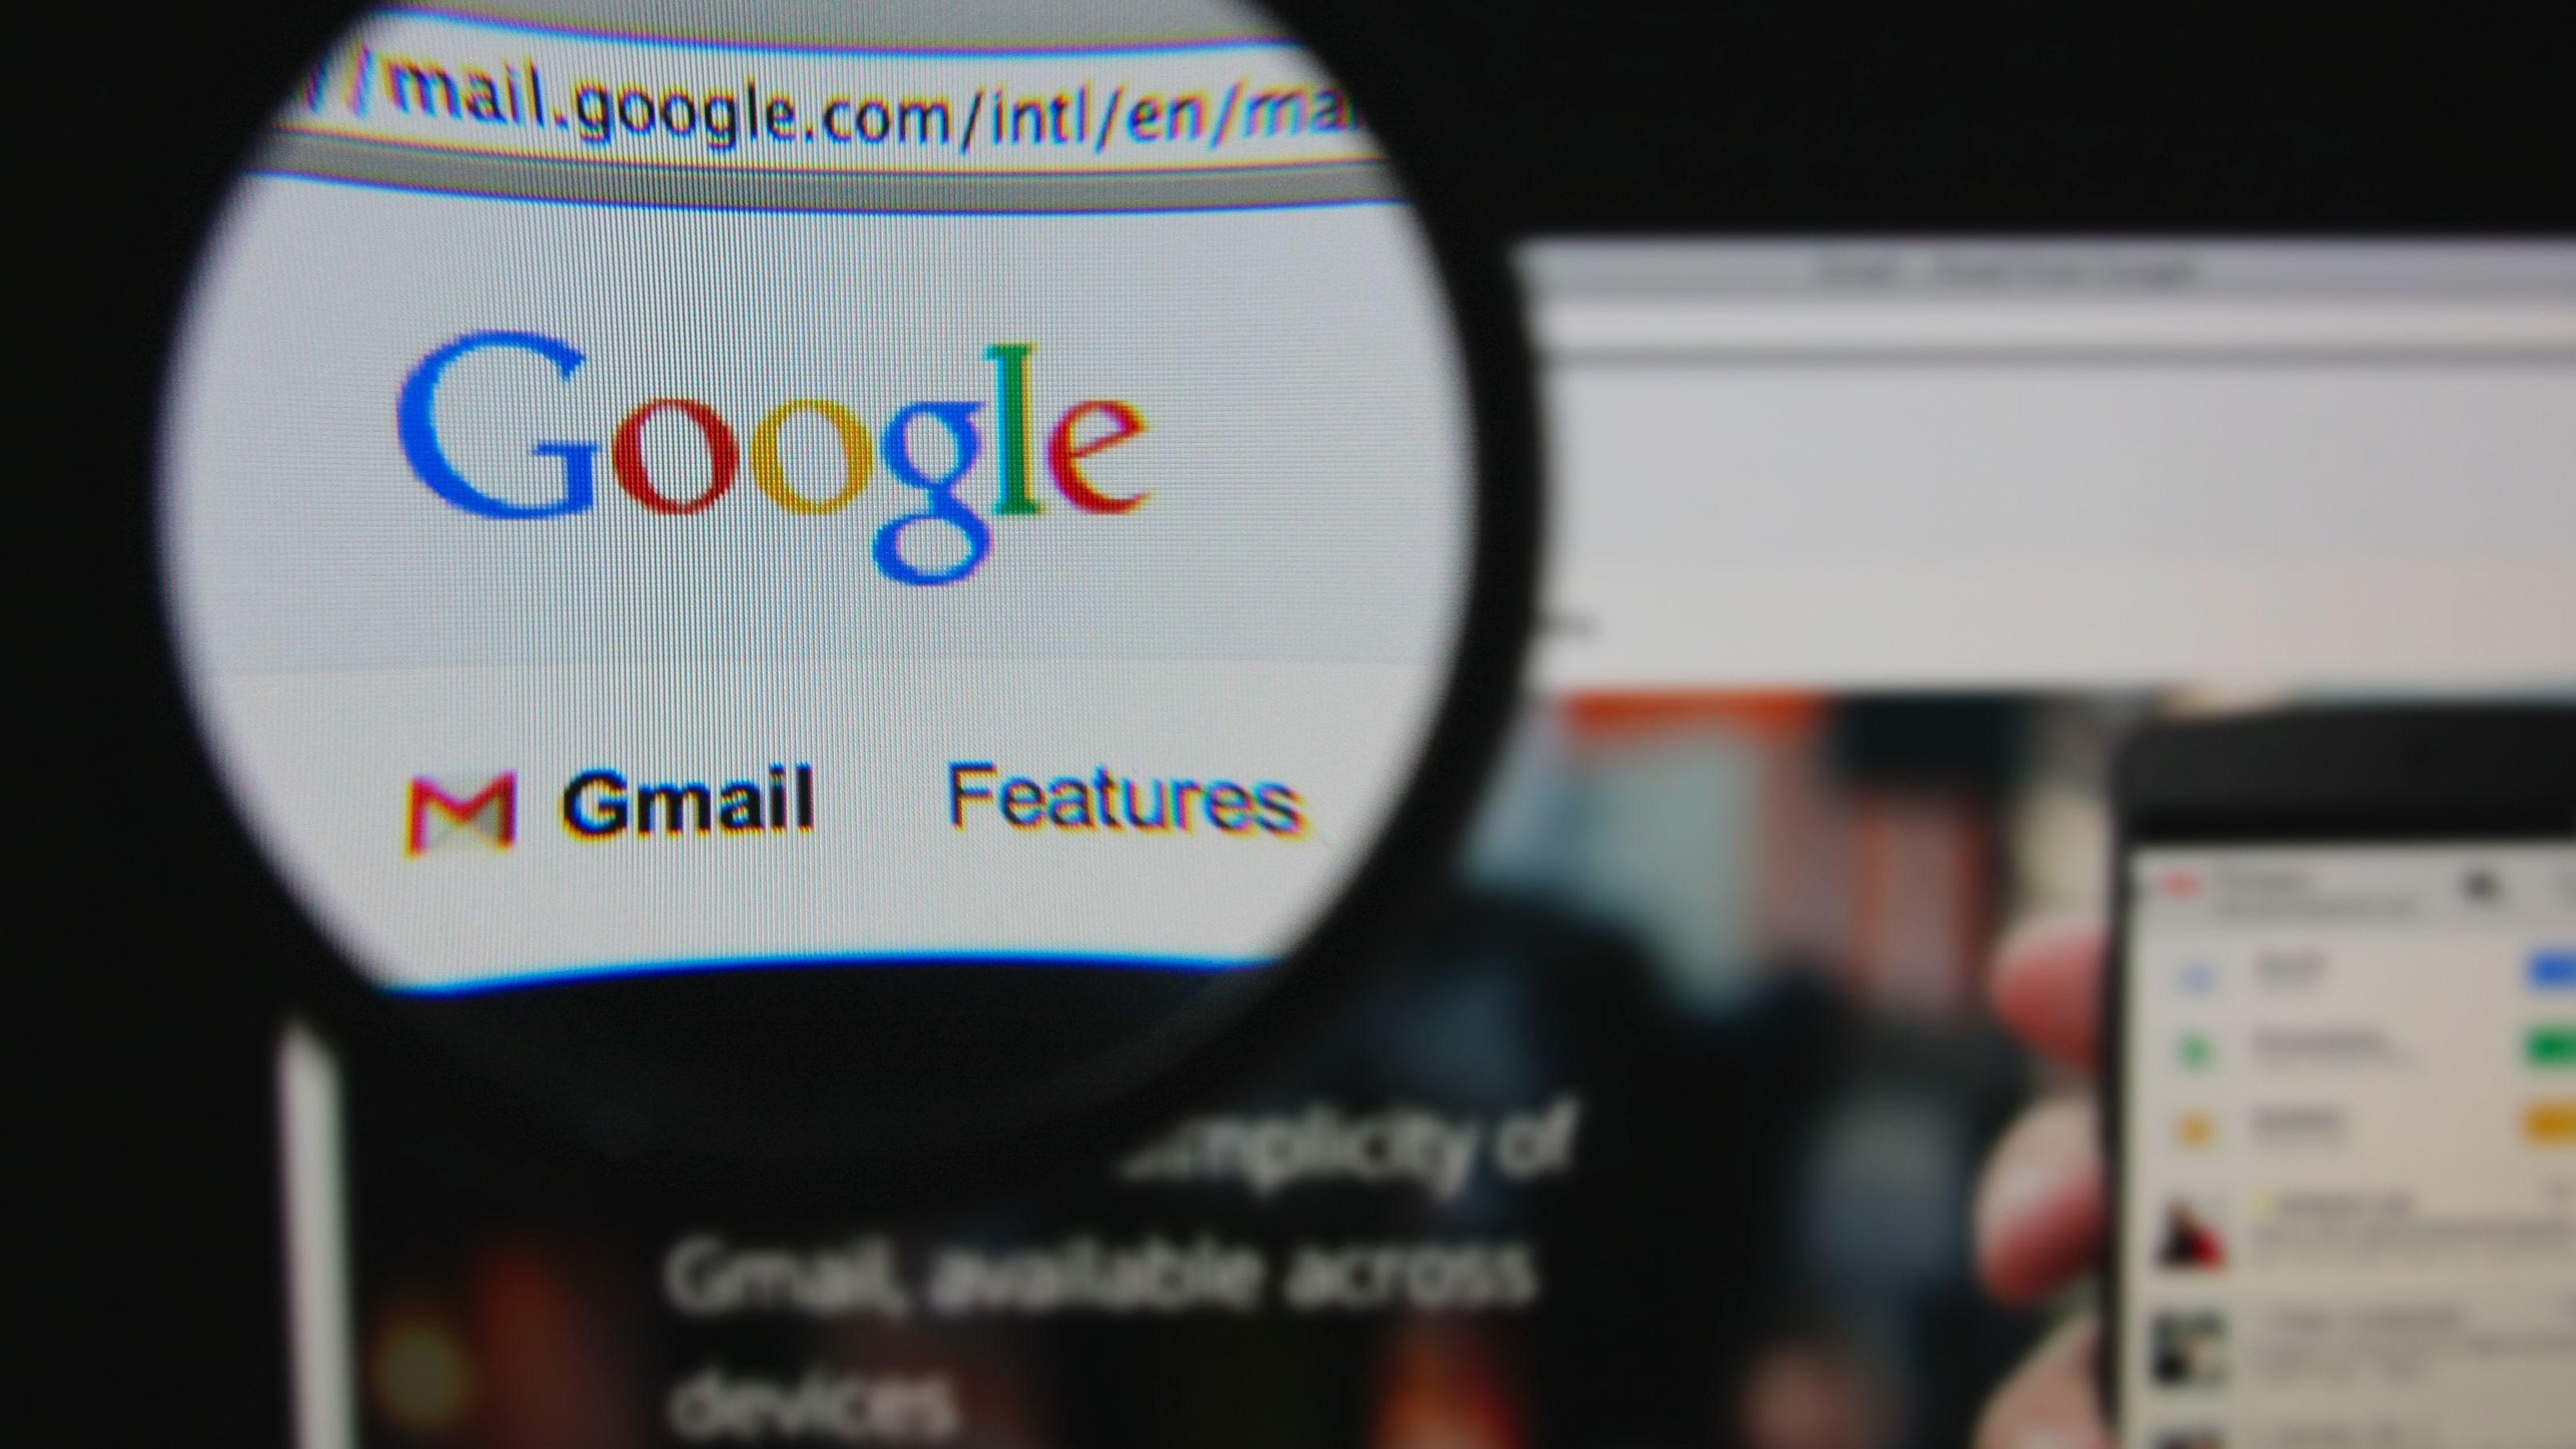 Nå vil Google gjøre Gmail mye sikrere